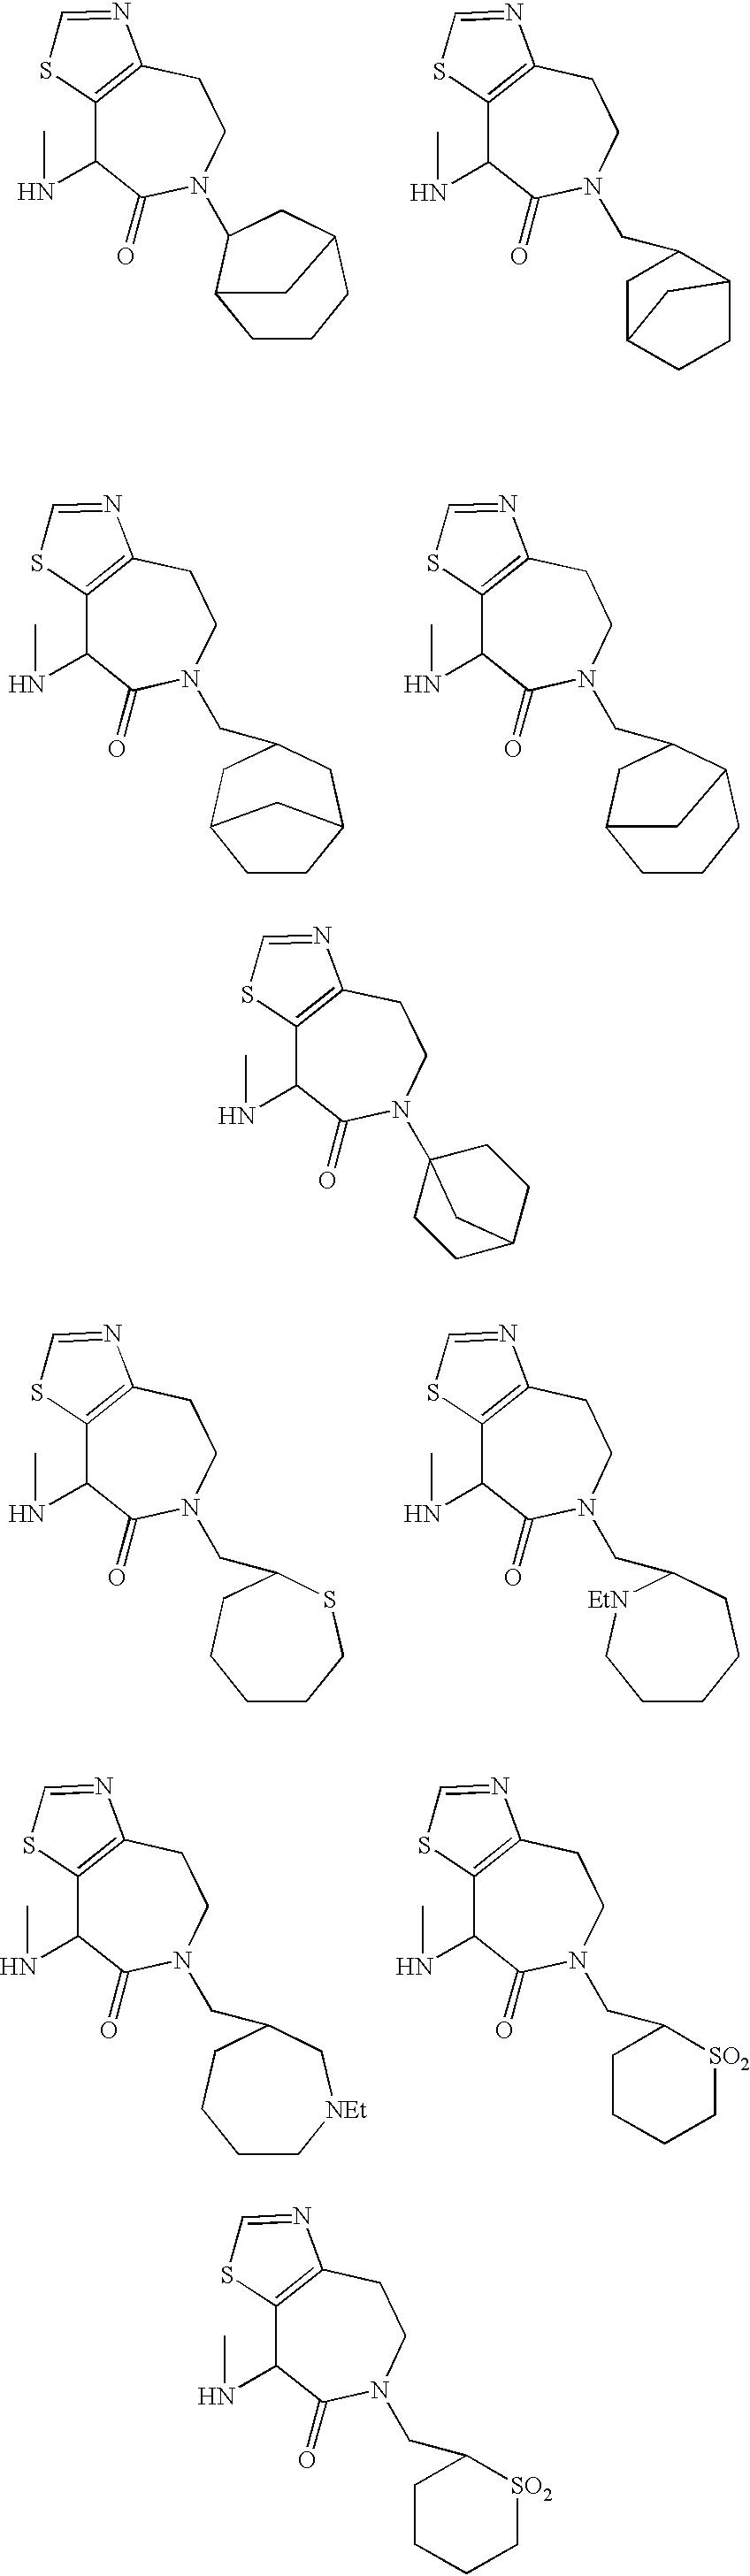 Figure US06509331-20030121-C00068